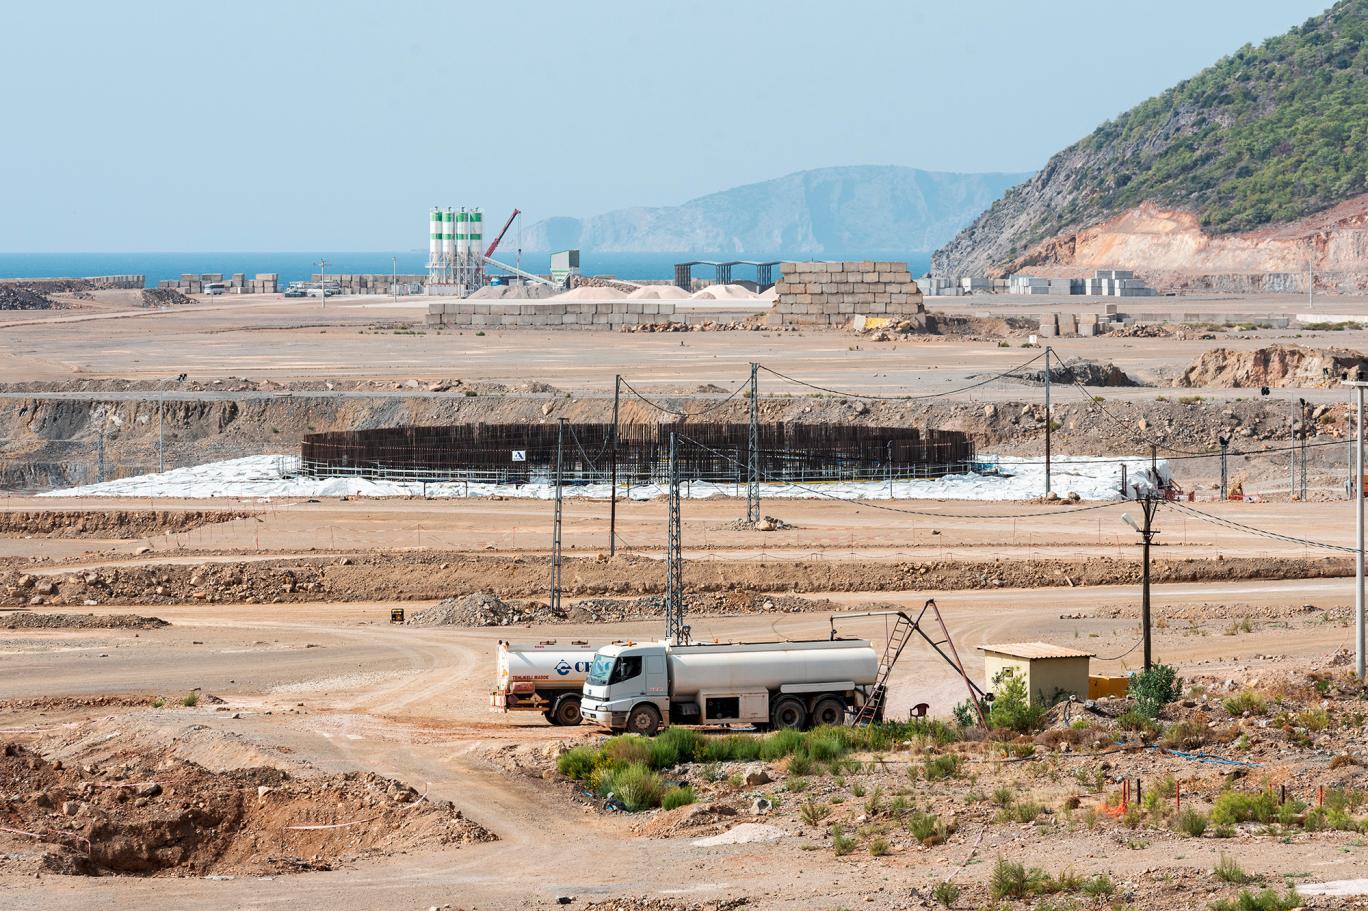 A'dan Z'ye Akkuyu Nükleer Santralı inşaatındaki ihmaller zinciri: Apartman inşaatı bile daha ciddi yürütülür